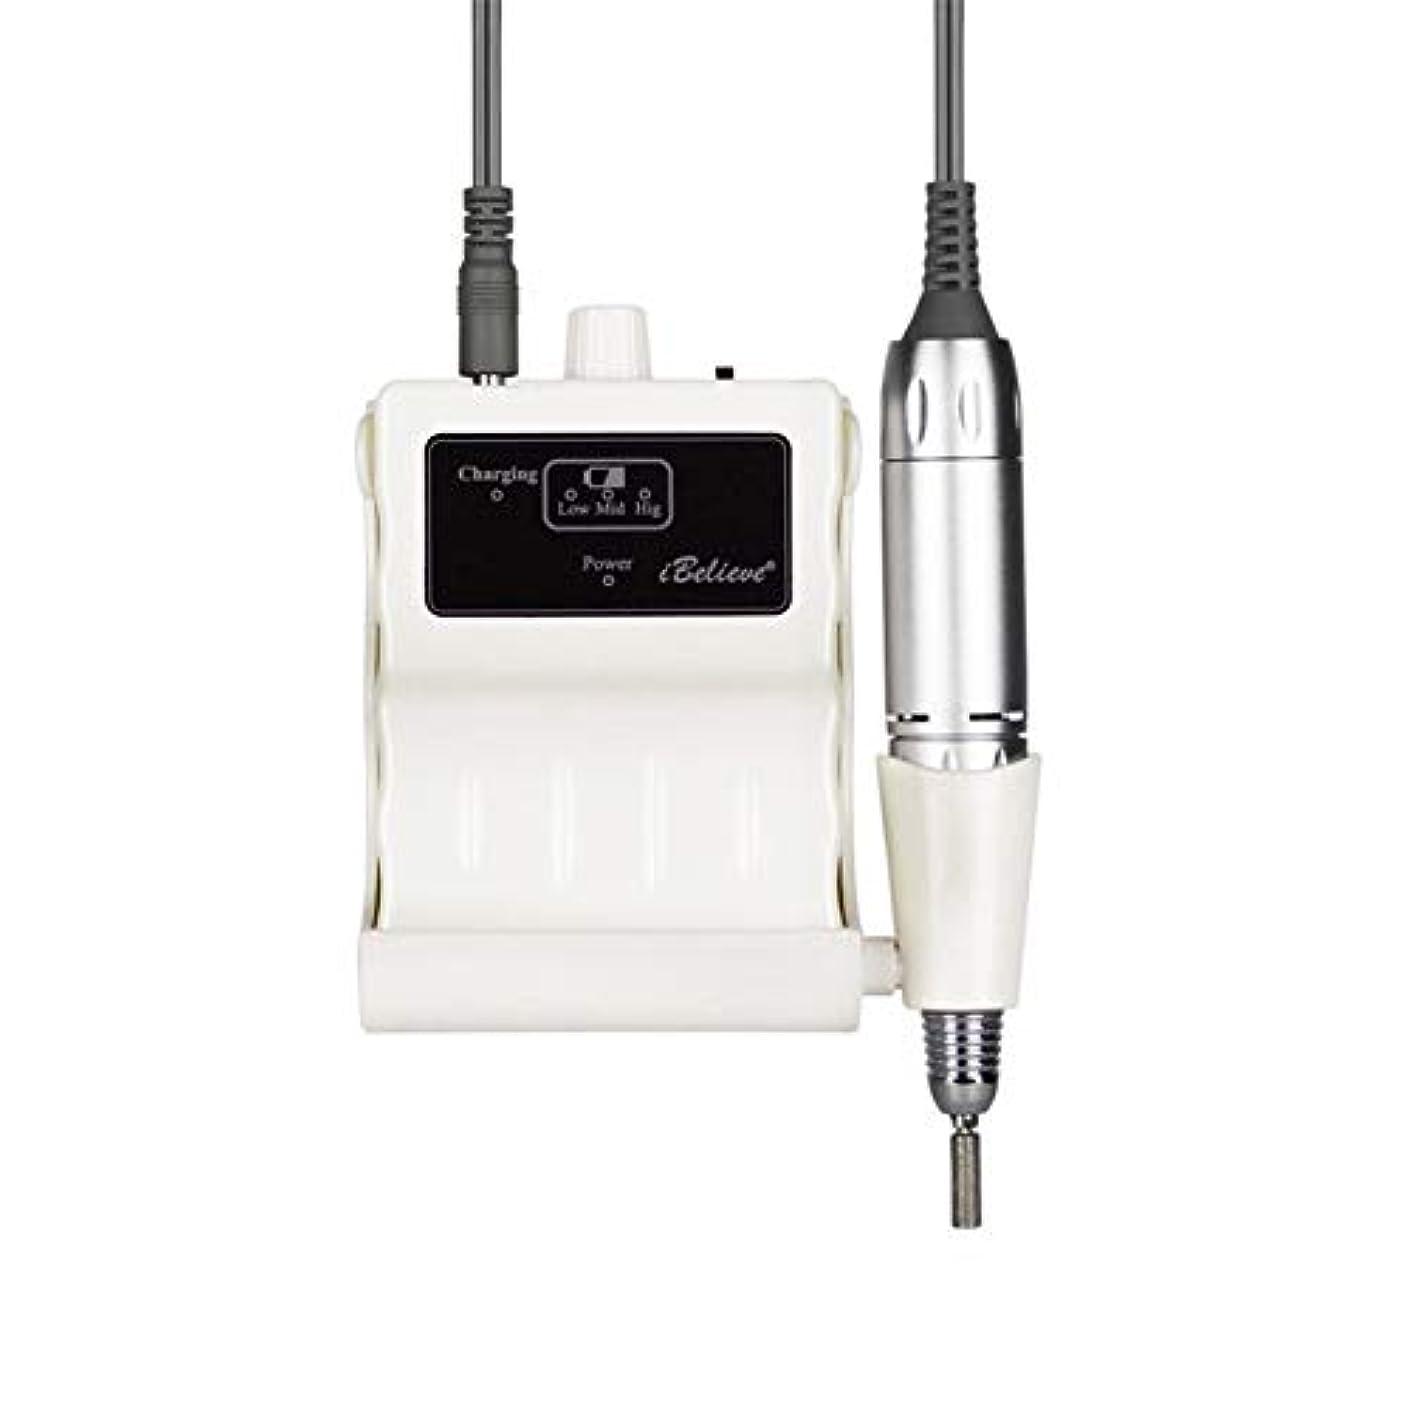 毎週ショートカット薄汚い充電式マニキュアペディキュアセット用LEDディスプレイウエストバンド付き電動ネイルドリル30000RPMポータブル,白